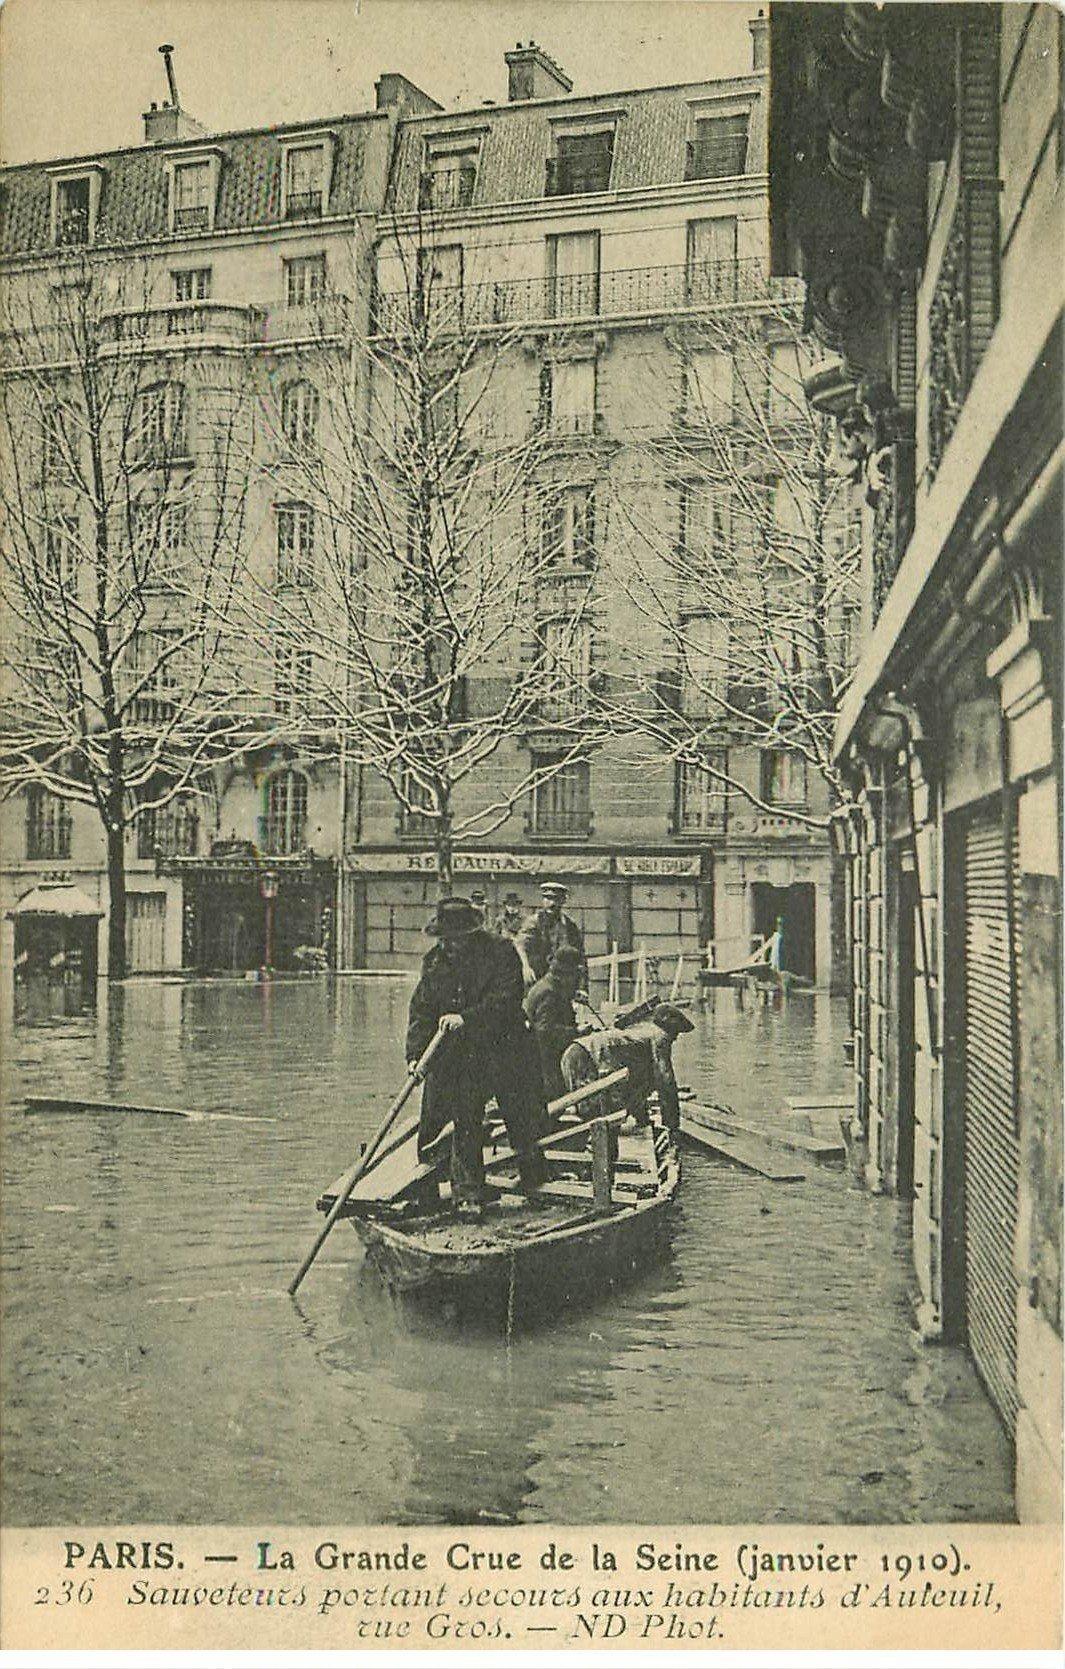 carte postale ancienne INONDATION ET CRUE PARIS 1910. Sauveteurs rue Gros à Auteuil